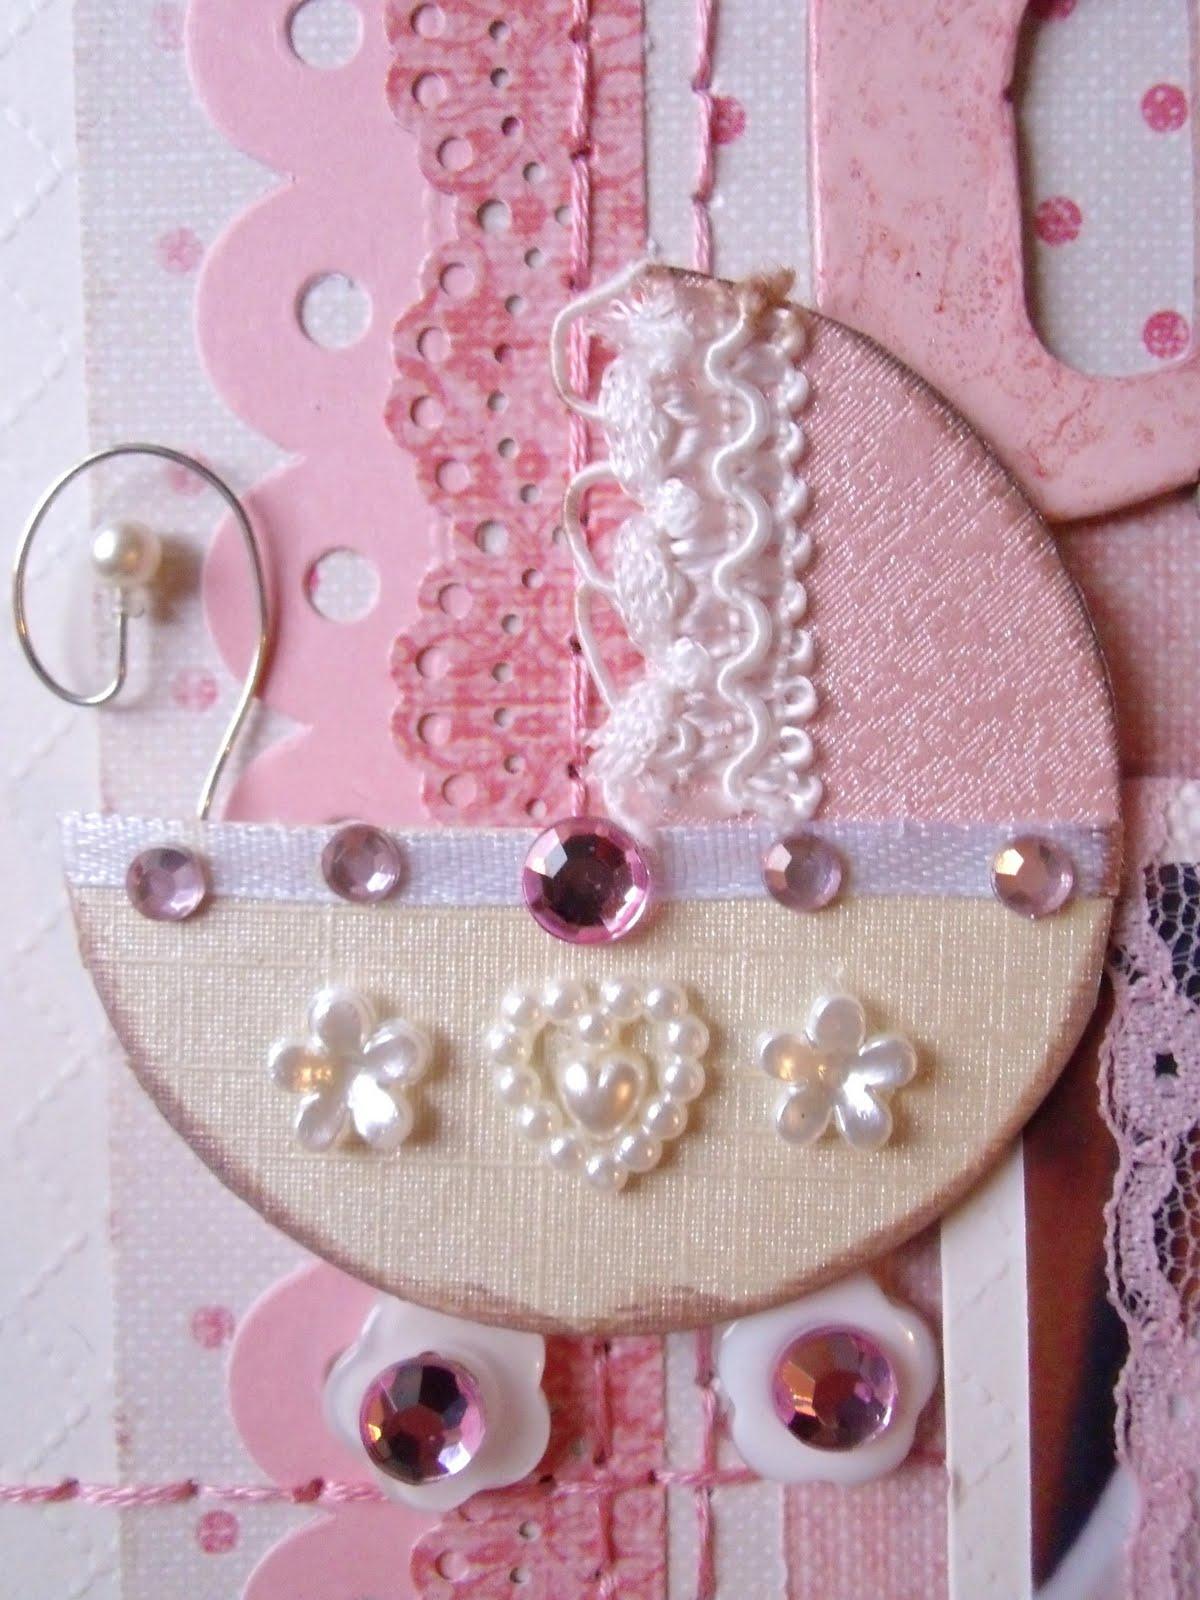 http://4.bp.blogspot.com/--0qZgOyOwO4/TcNX01Jos5I/AAAAAAAAARw/ejrVZps8djE/s1600/Baby+Daphne+-+details2.jpg